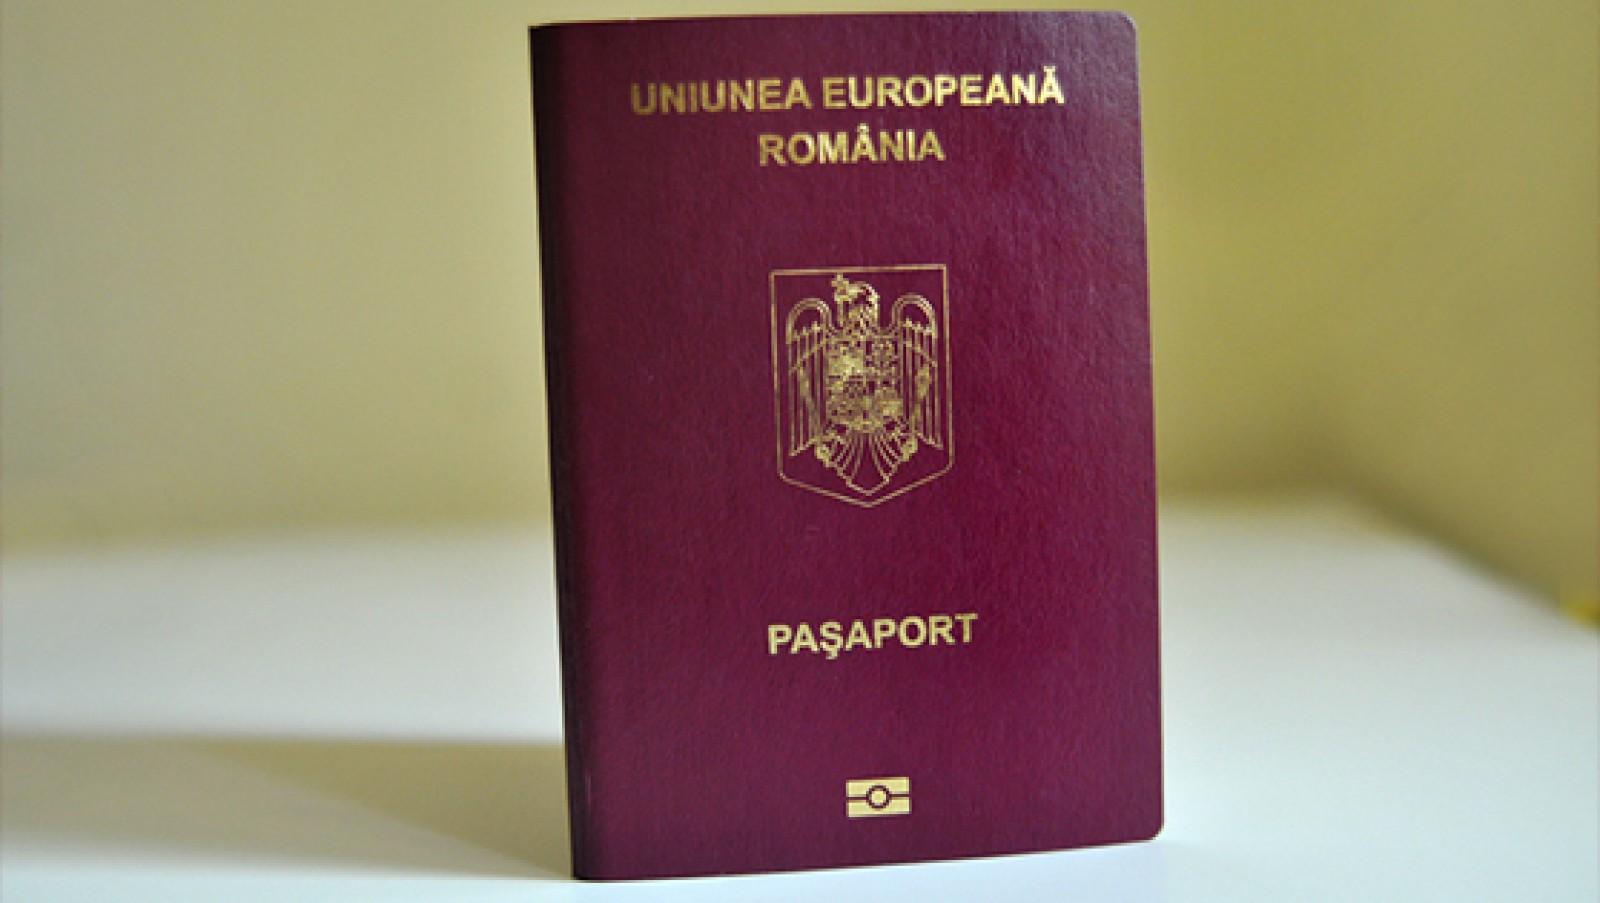 (video) De astăzi, deținătorii de pașapoarte românești vor fi înștiințați prin SMS cu 3 luni înainte să le expire actul